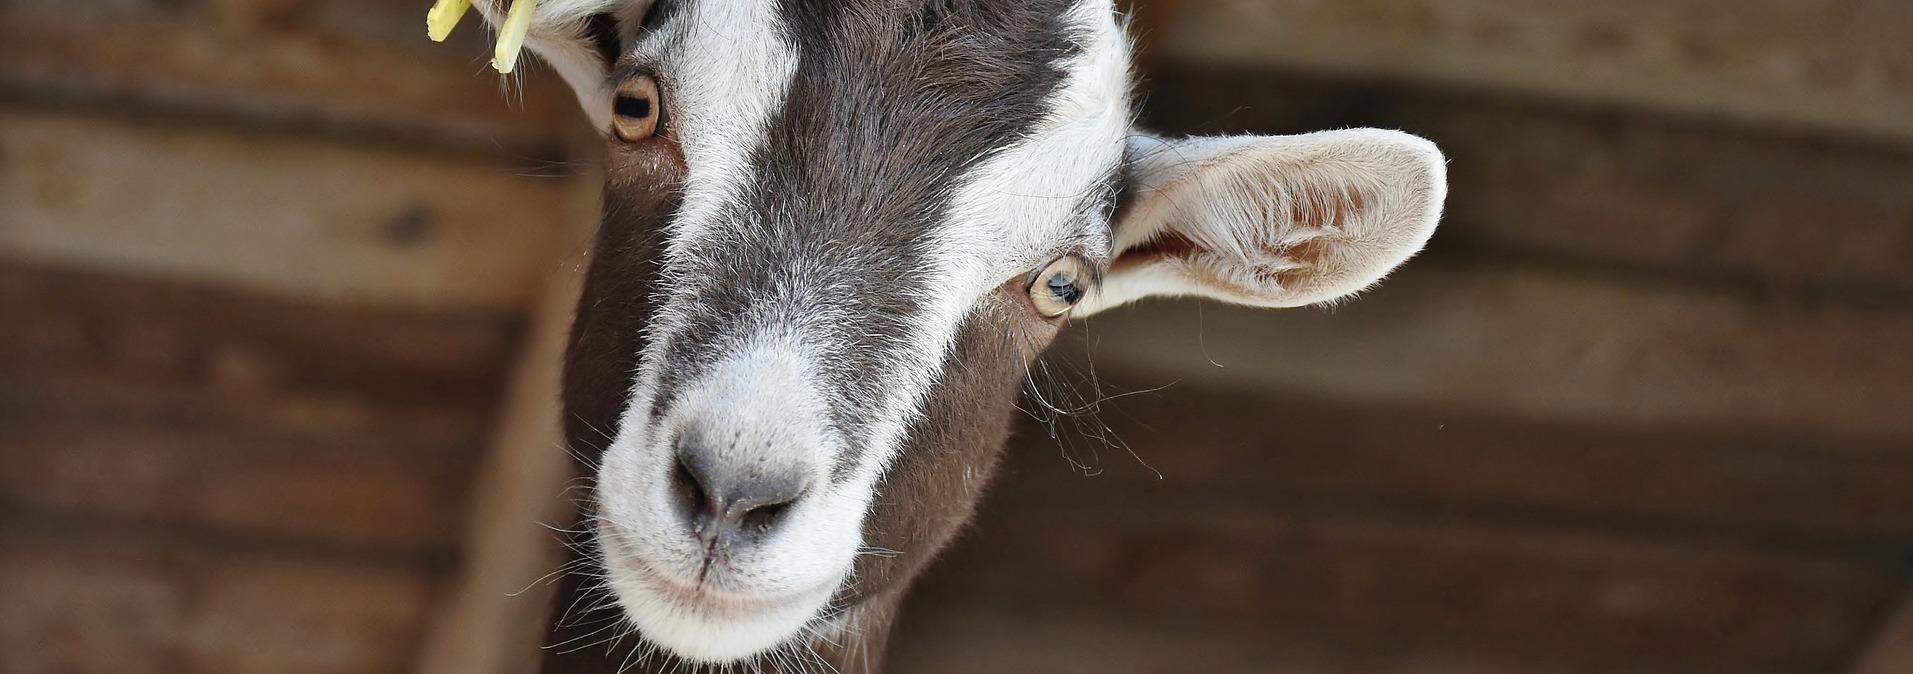 chèvres de perte de poids